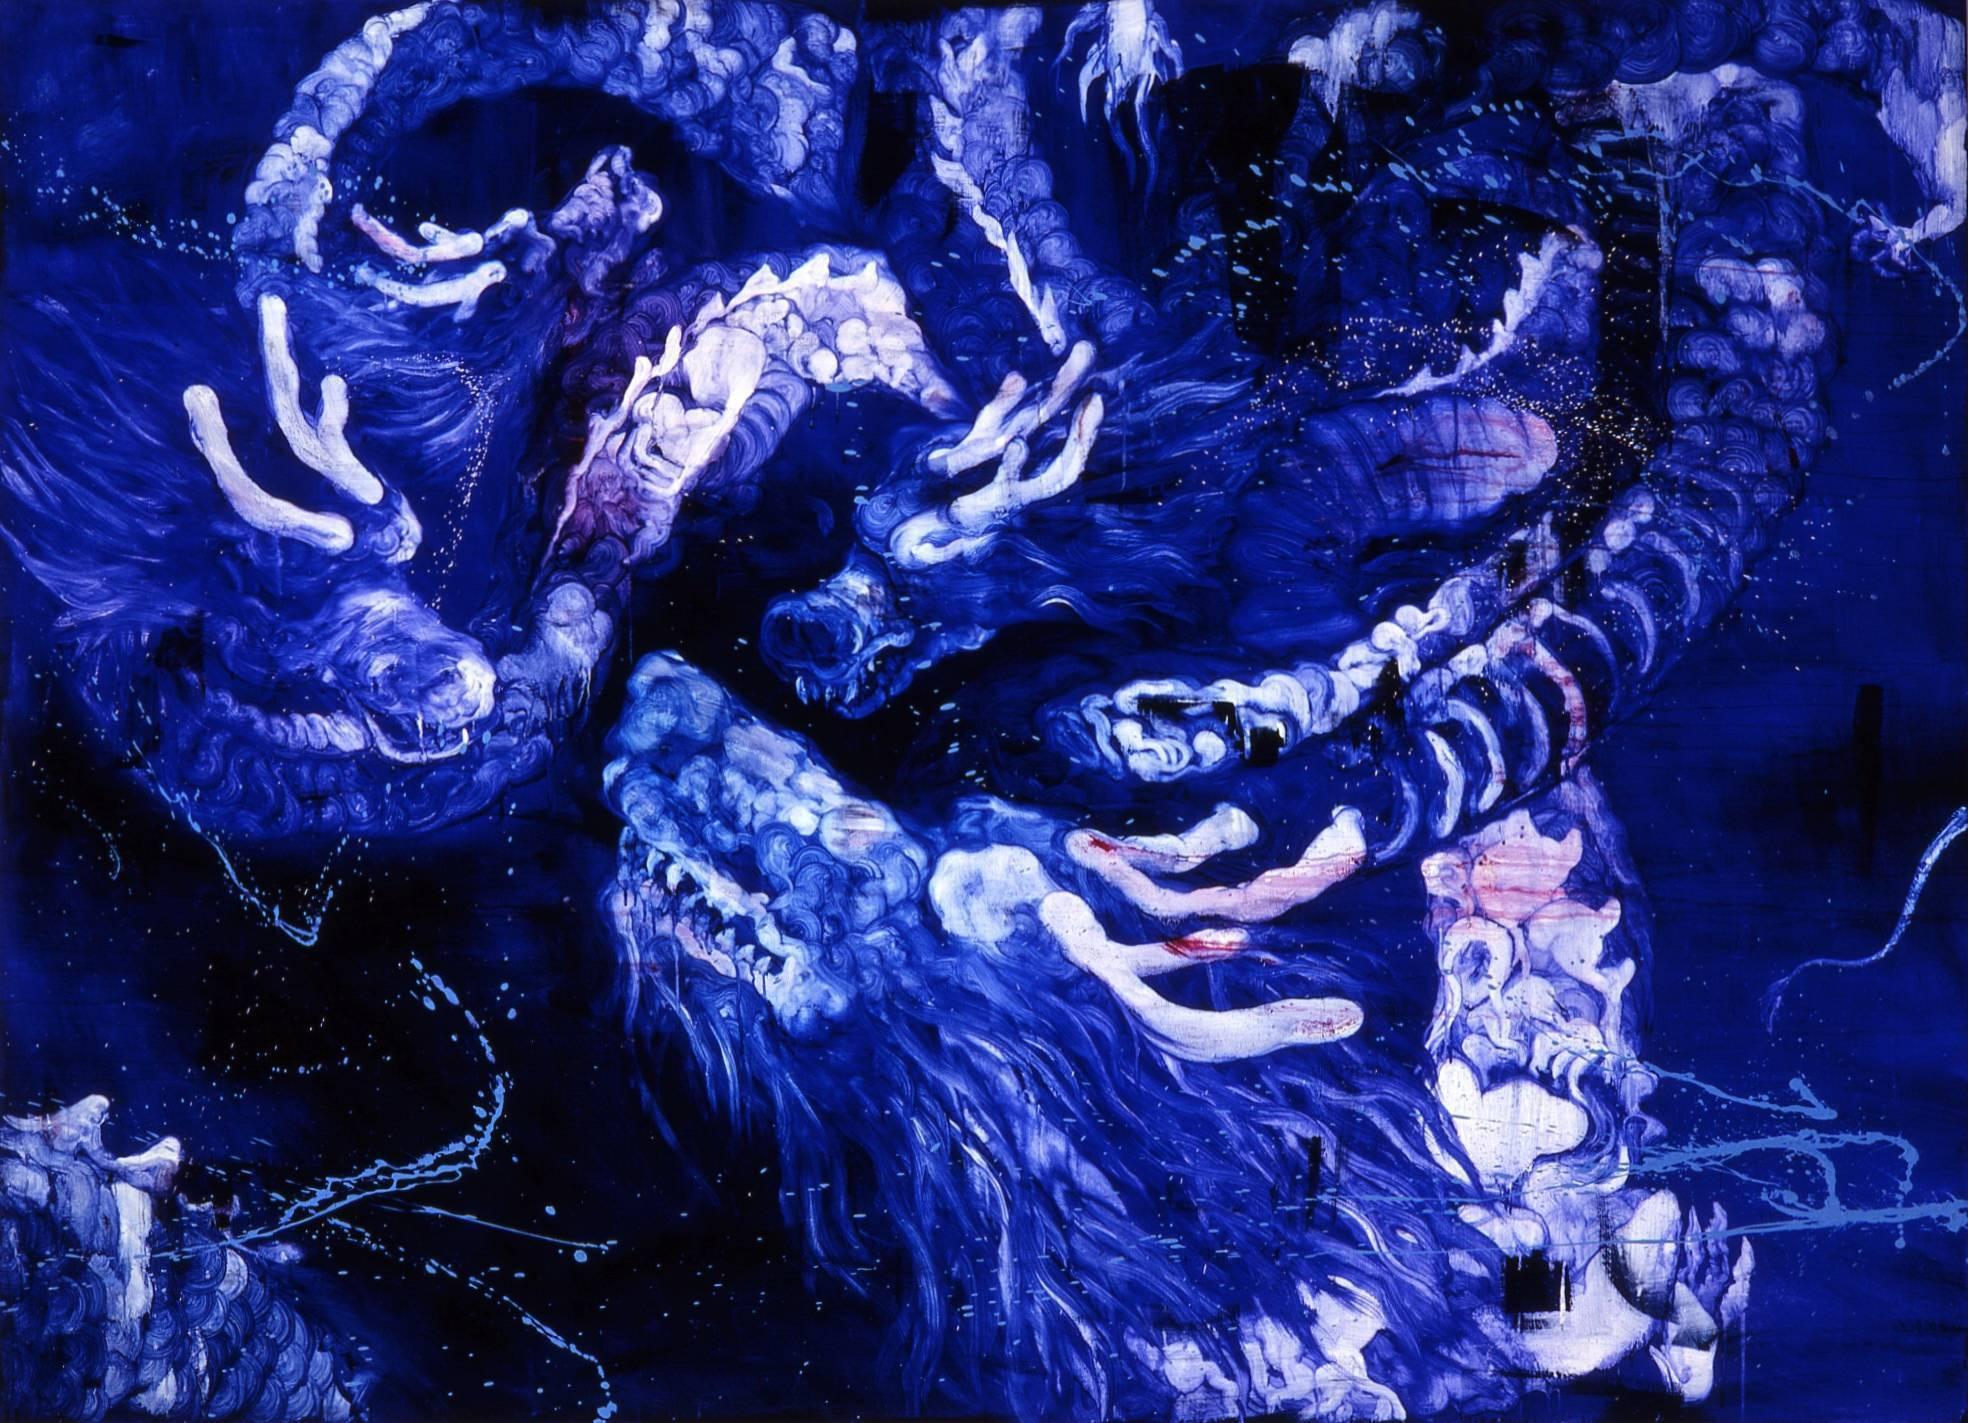 常陵 五花肉系列-肉花鳥-龍昇圖 2009 油彩 146x200cm